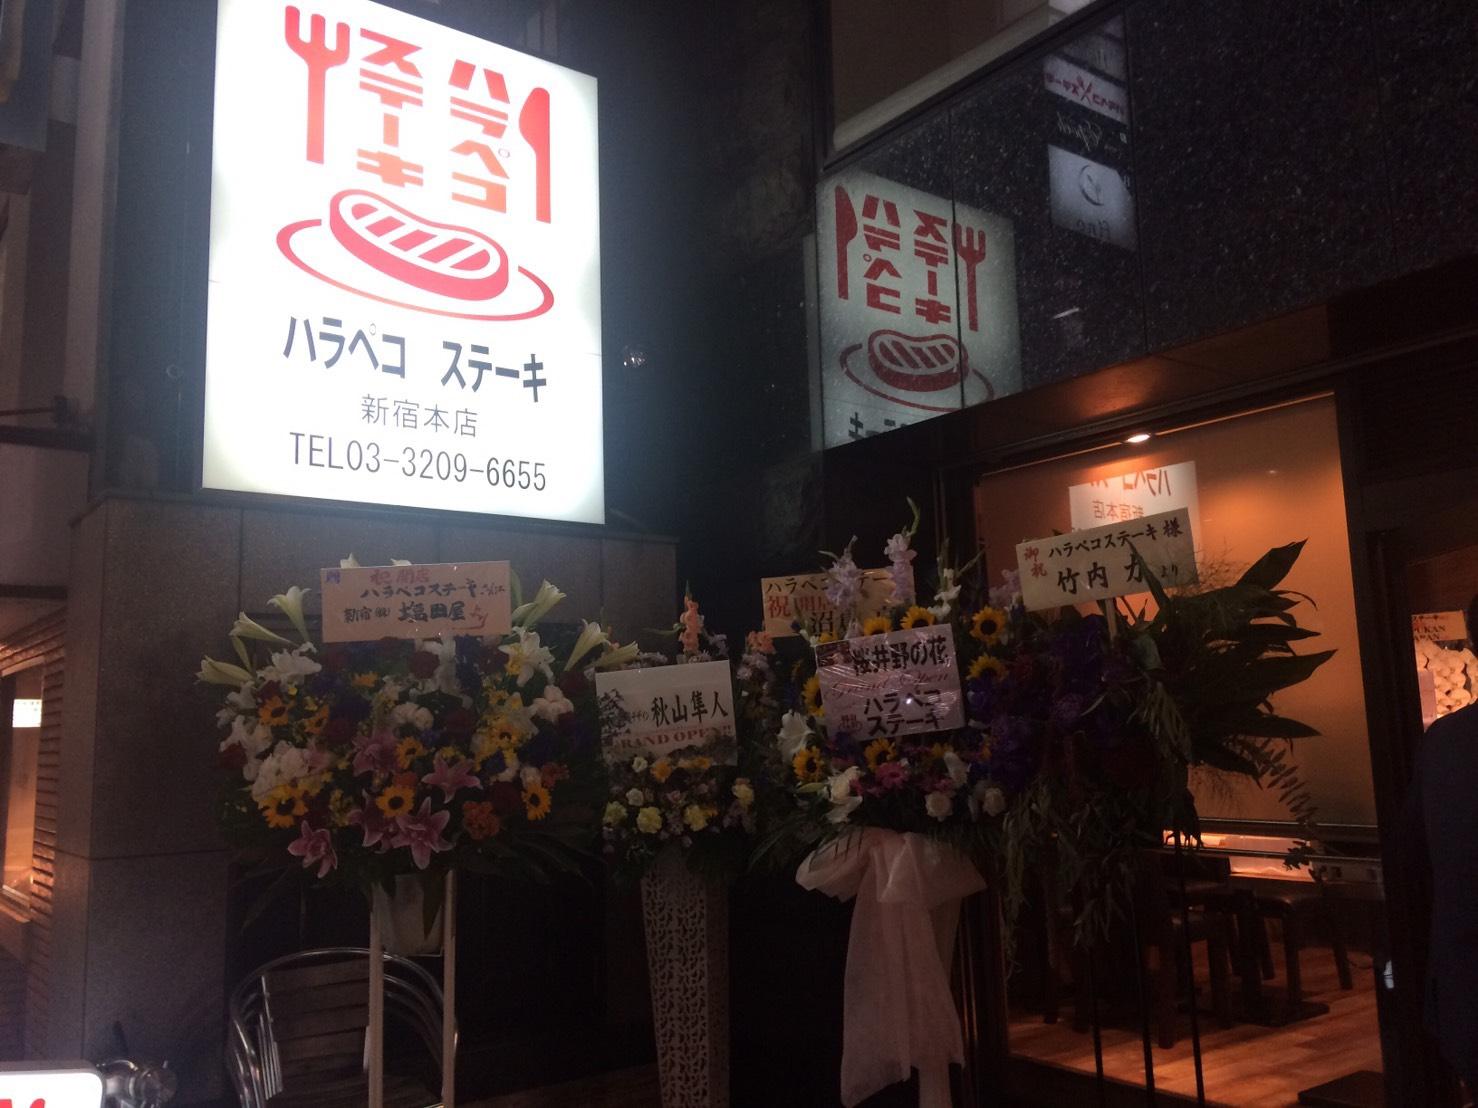 ハラペコステーキ 新宿本店